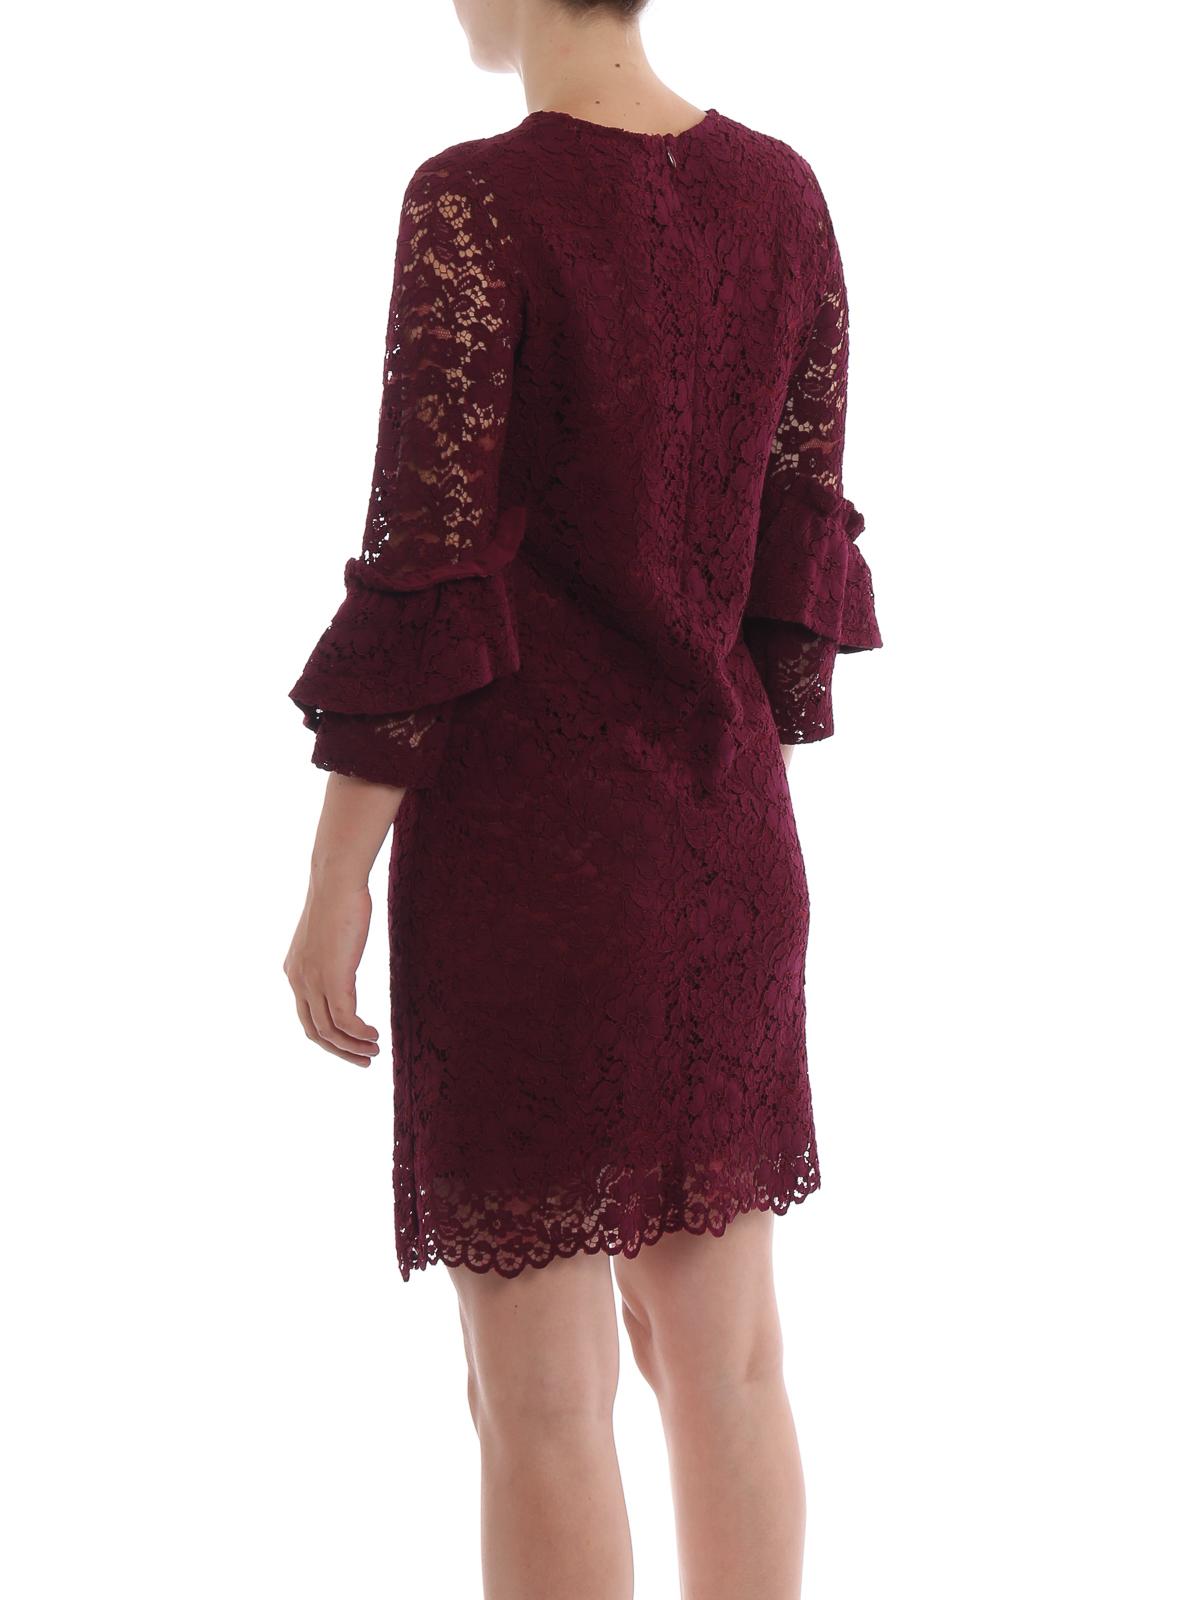 finest selection d0fd7 60014 Blugirl - Abito gioiello bordeaux in pizzo macramè - abiti ...